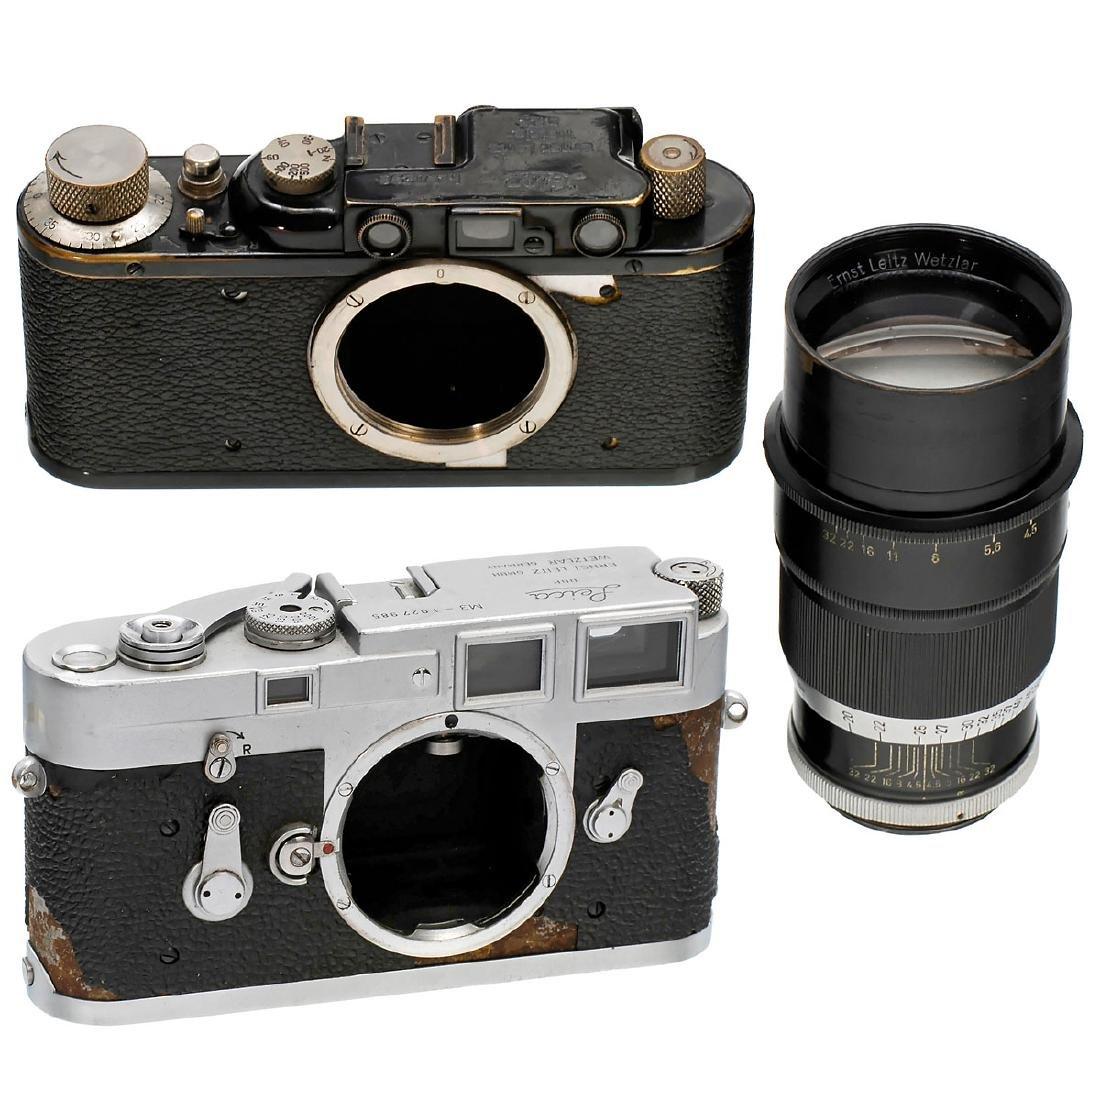 Leica M3 and Leica II (D)